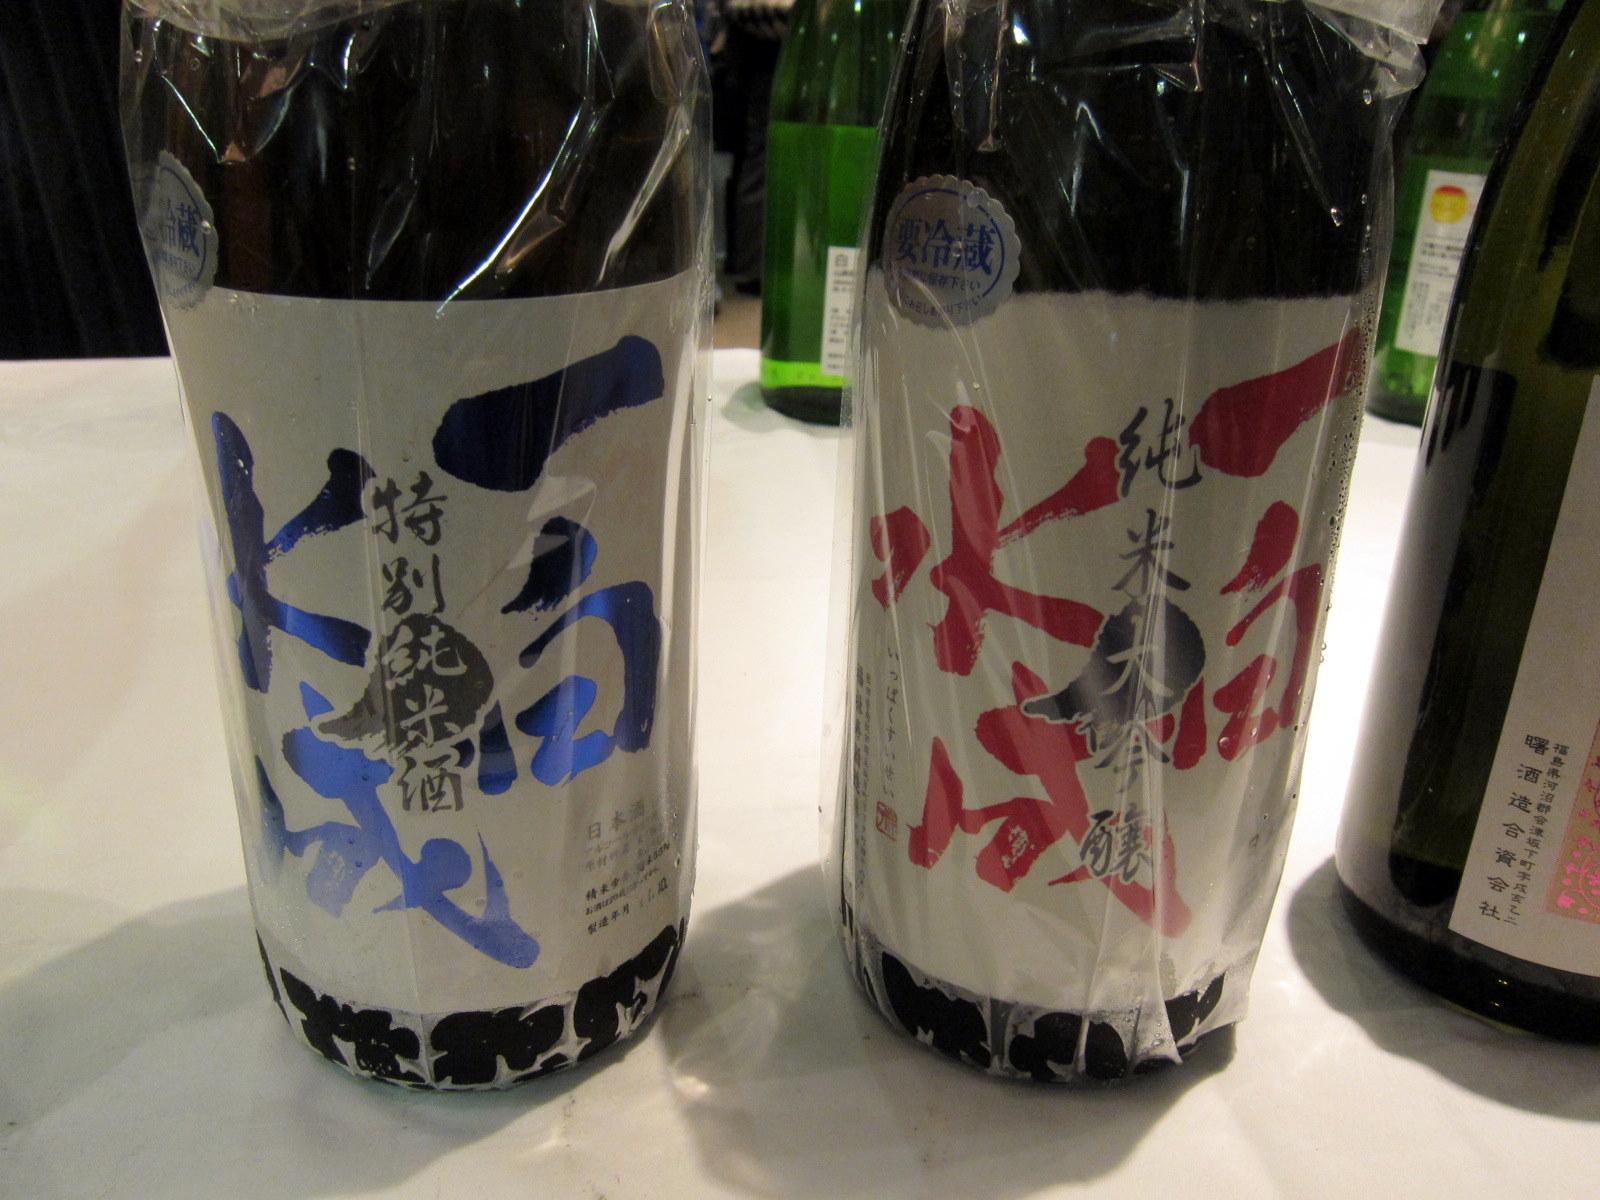 純米大吟醸と特別純米酒